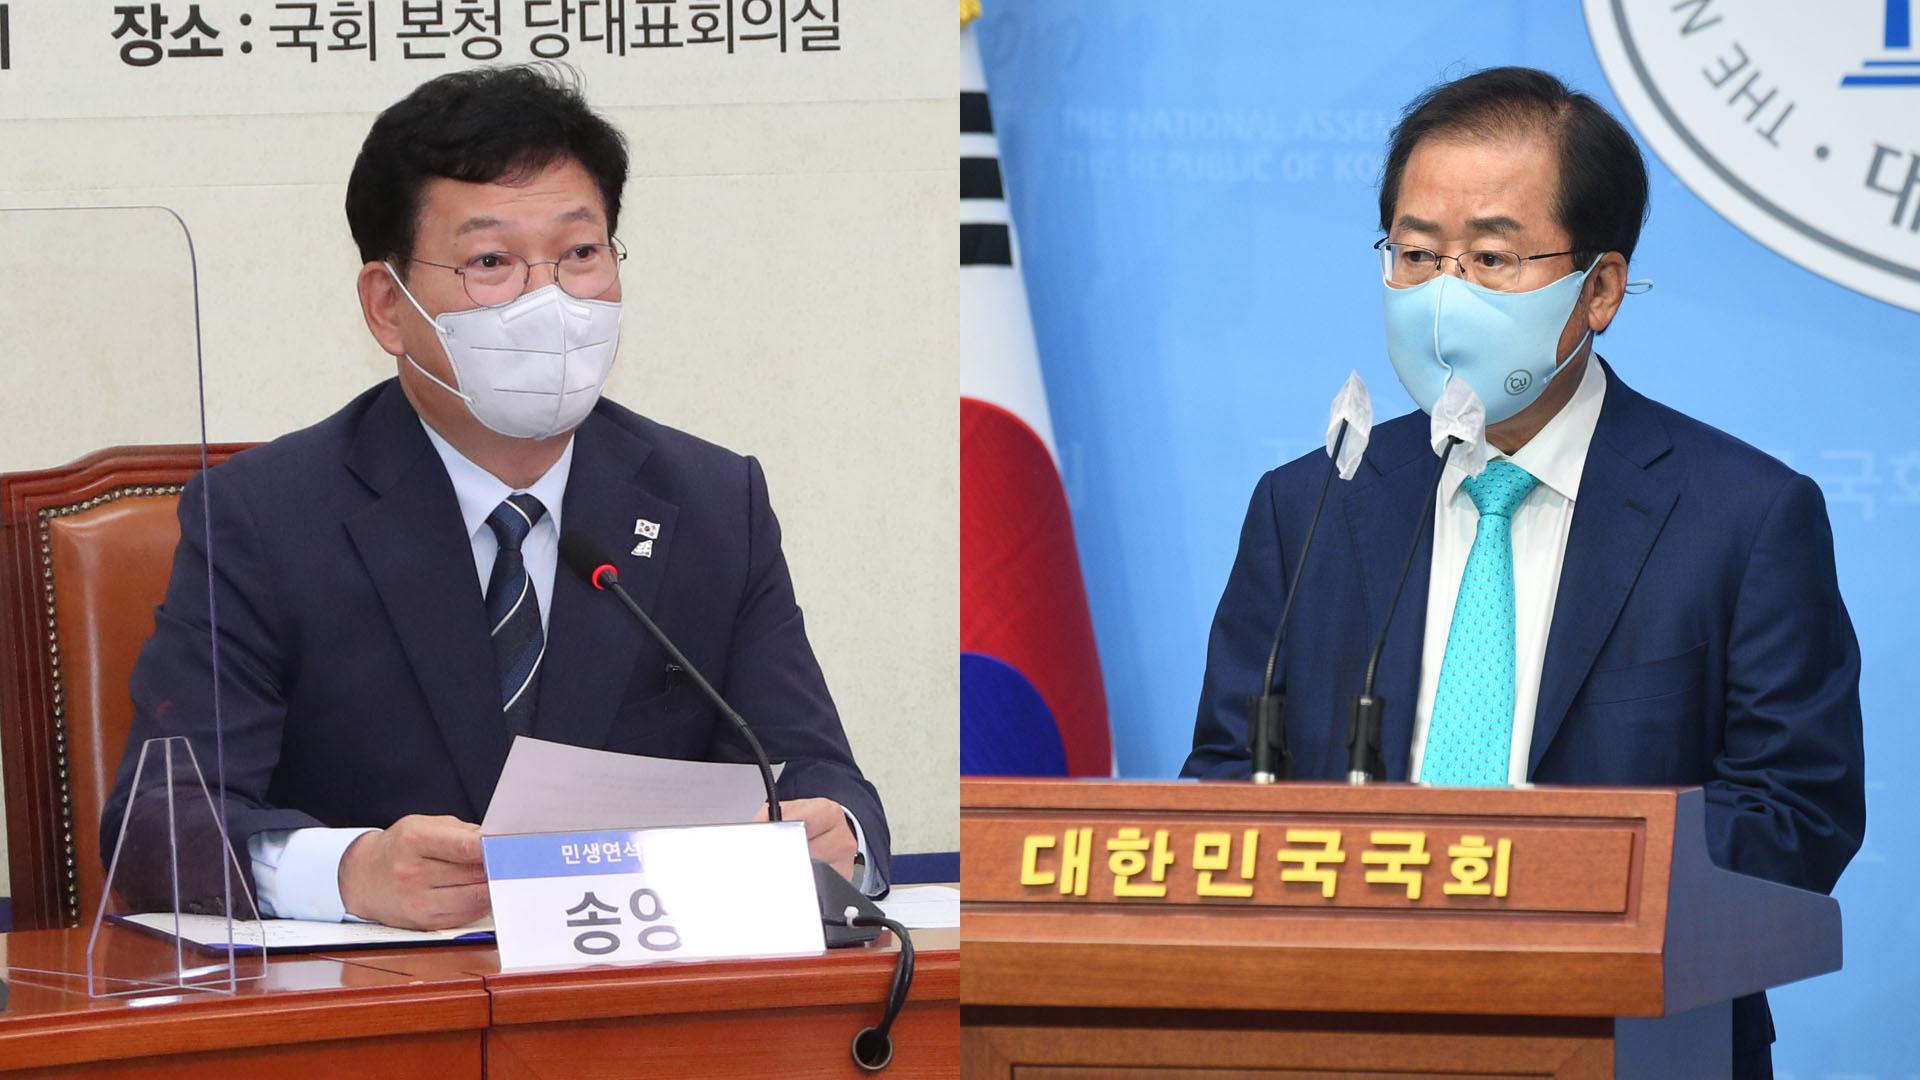 與, 경선일정 막판 조율…野, 홍준표 복당 의결